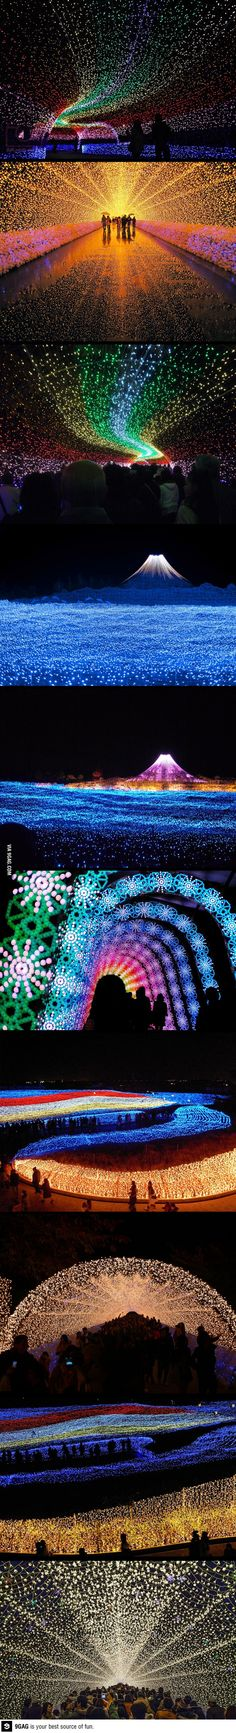 (1) 9GAG - Winter light festival in japan, made from 7 million LEDs